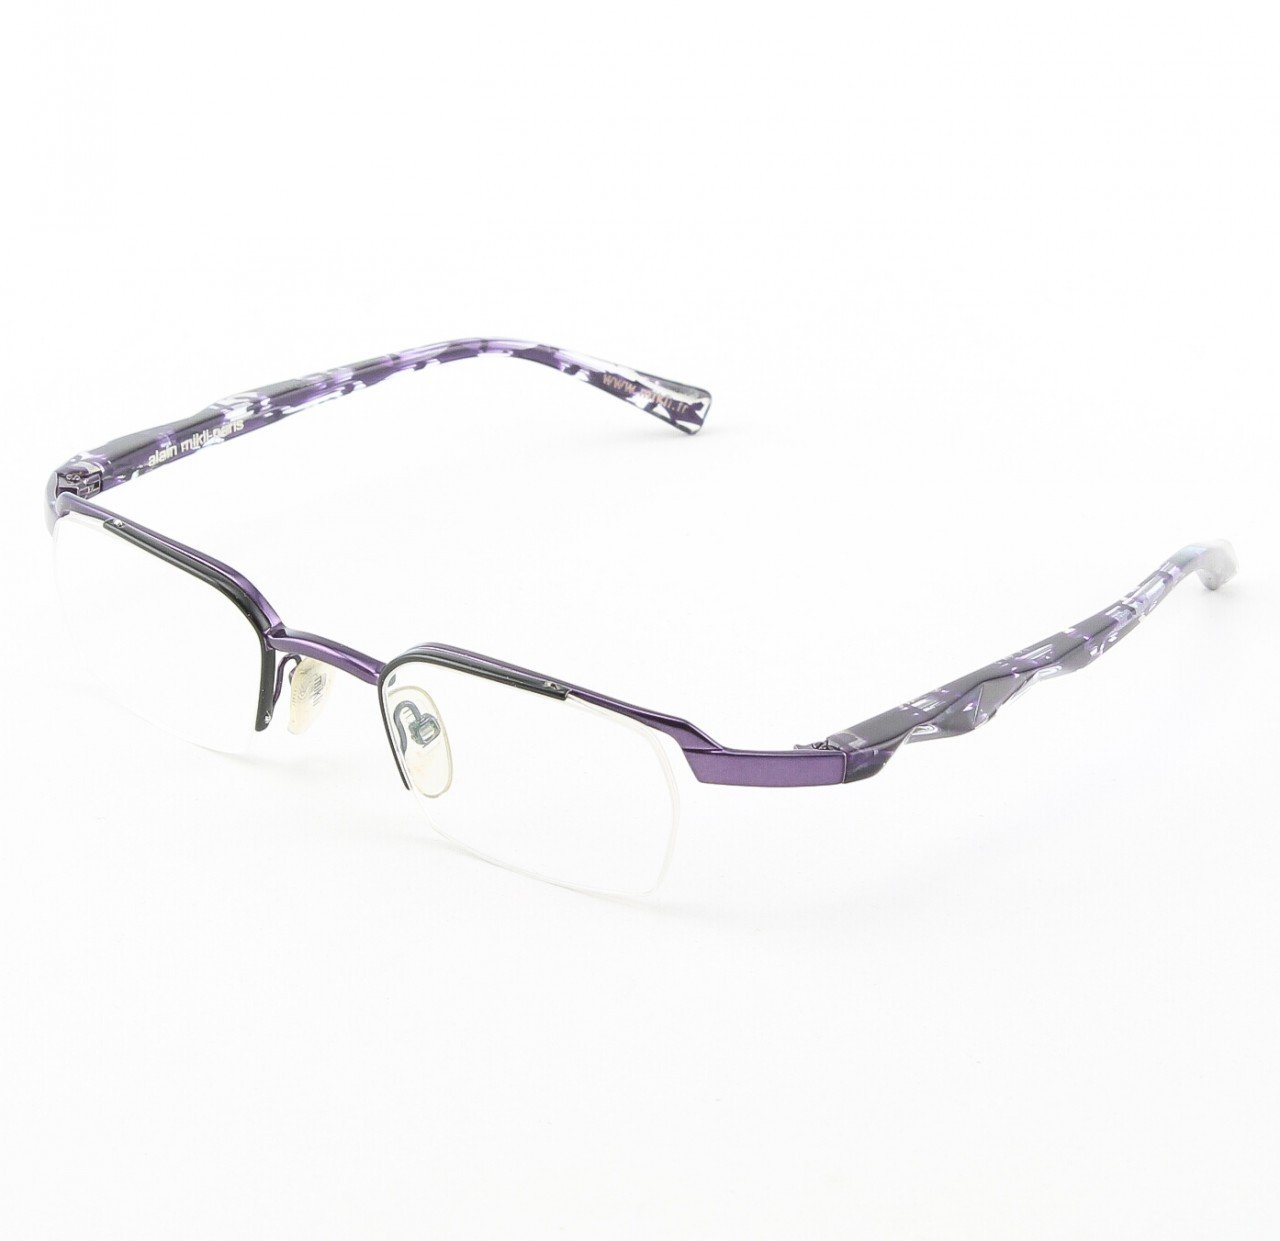 Alain Mikli Eyeglasses AL0556 Col. 95 Purple Metallic with Marbelized Purple Temples